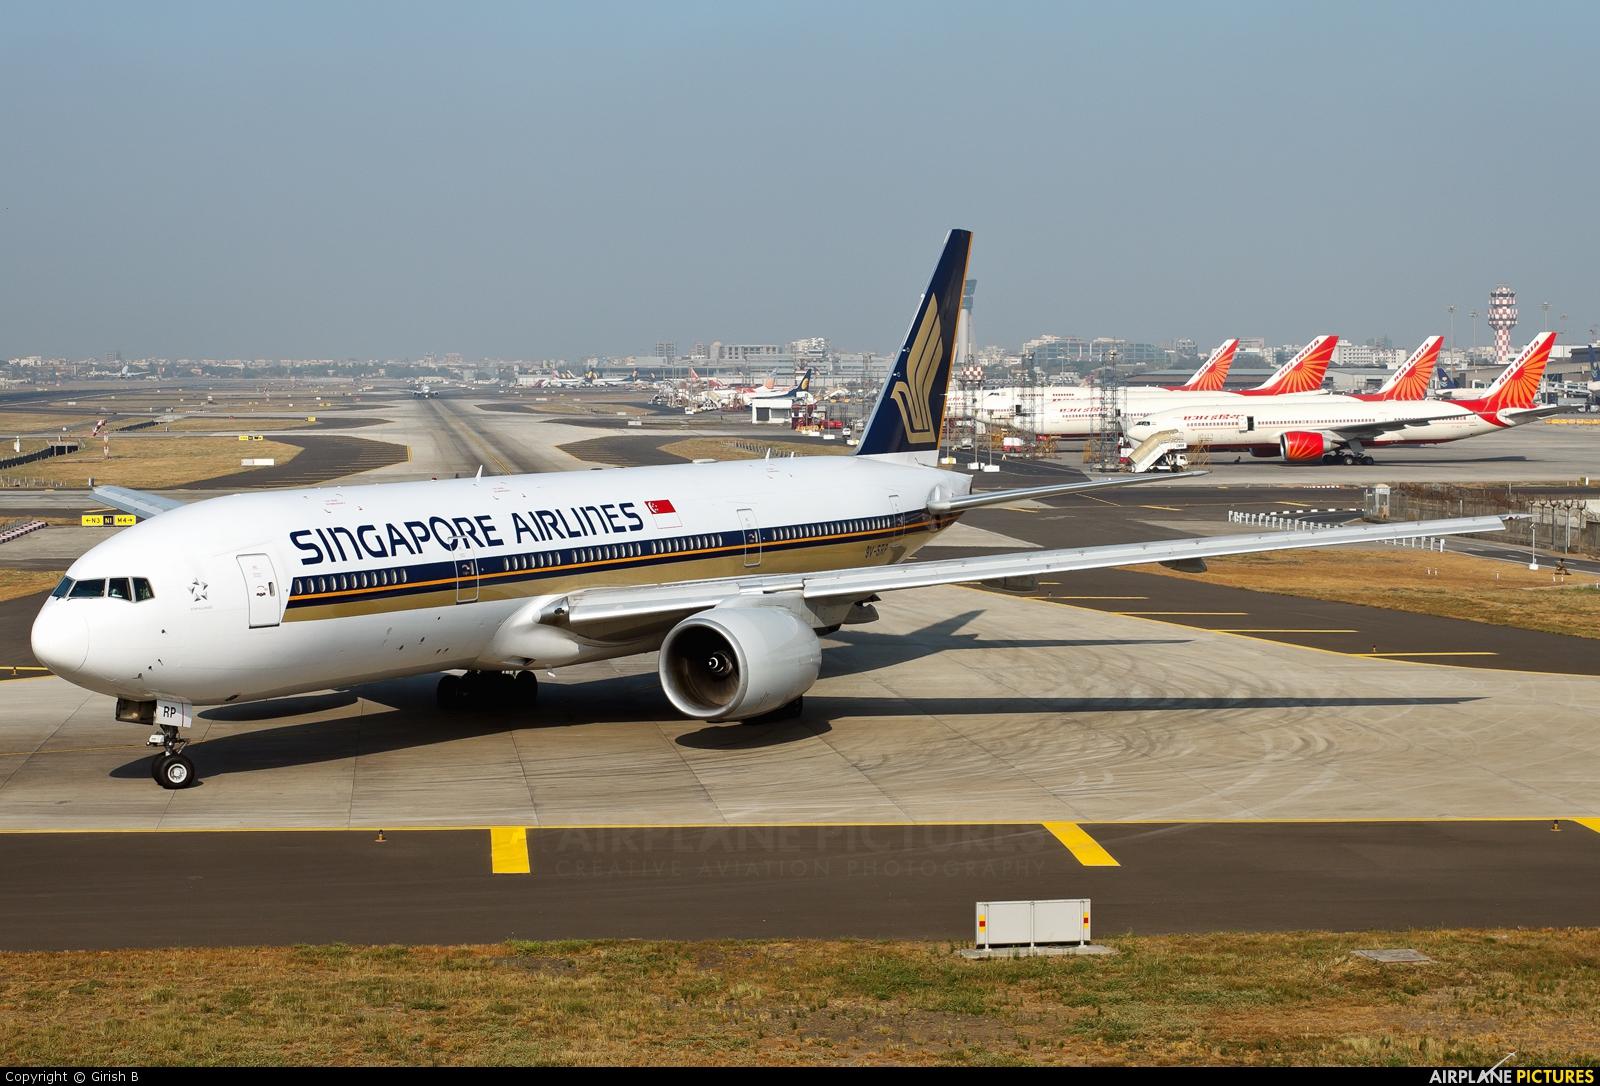 Singapore Airlines 9V-SRP aircraft at Mumbai - Chhatrapati Shivaji Intl